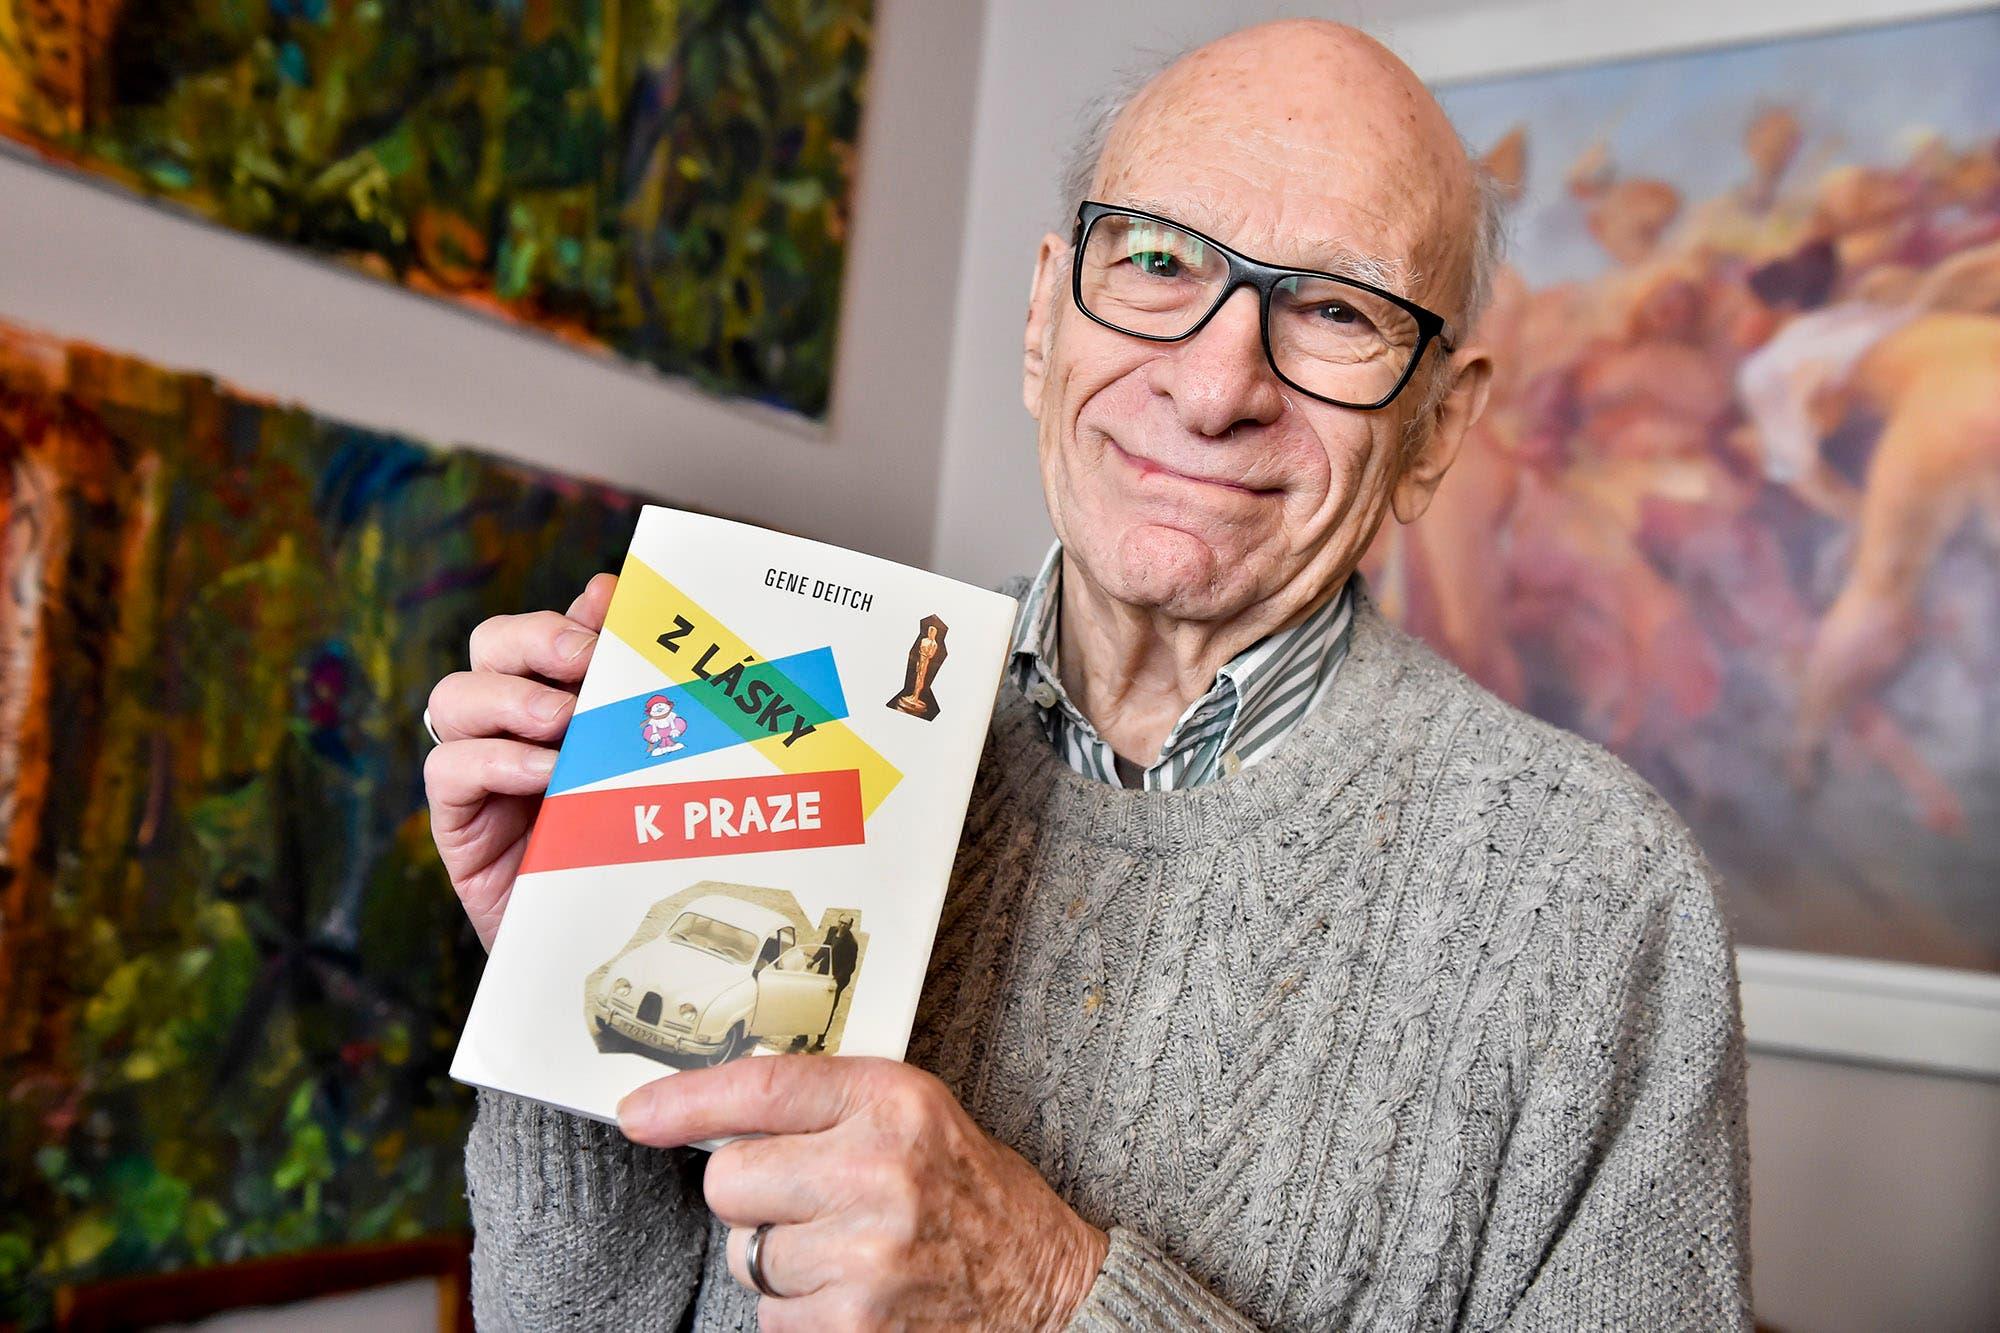 Murió el dibujante y director Gene Deitch